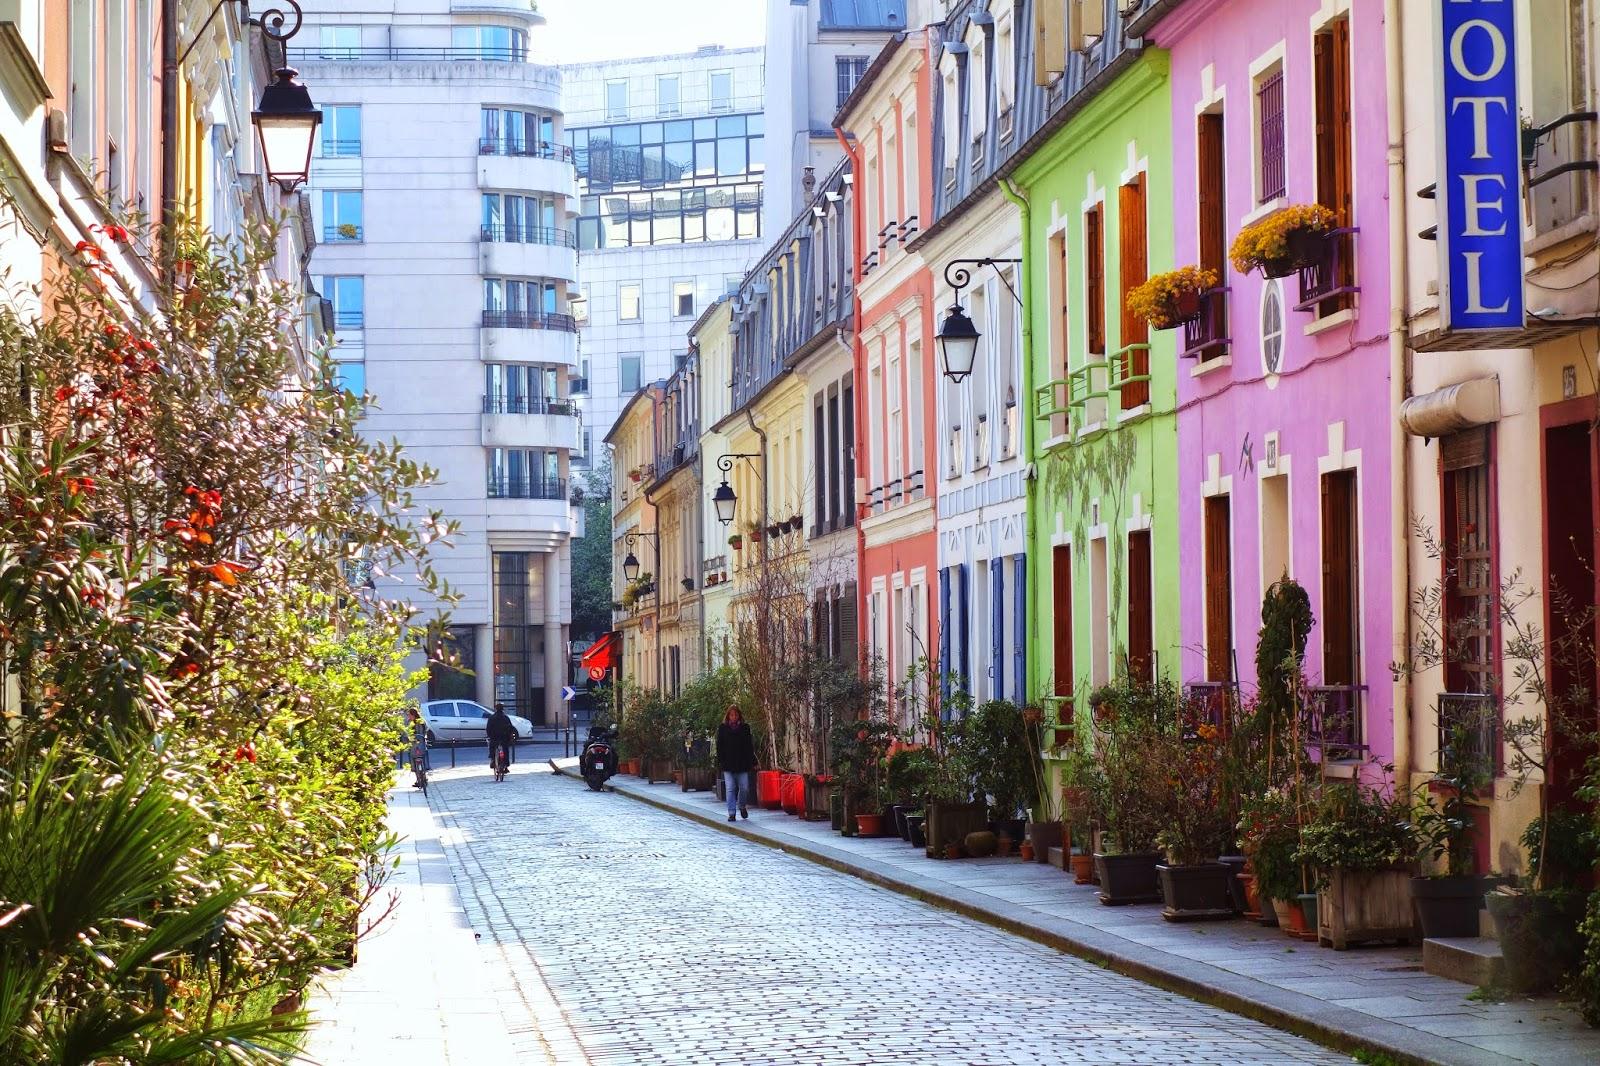 Rue Cremieux vecinos de paris cansados de instagrammers (4)